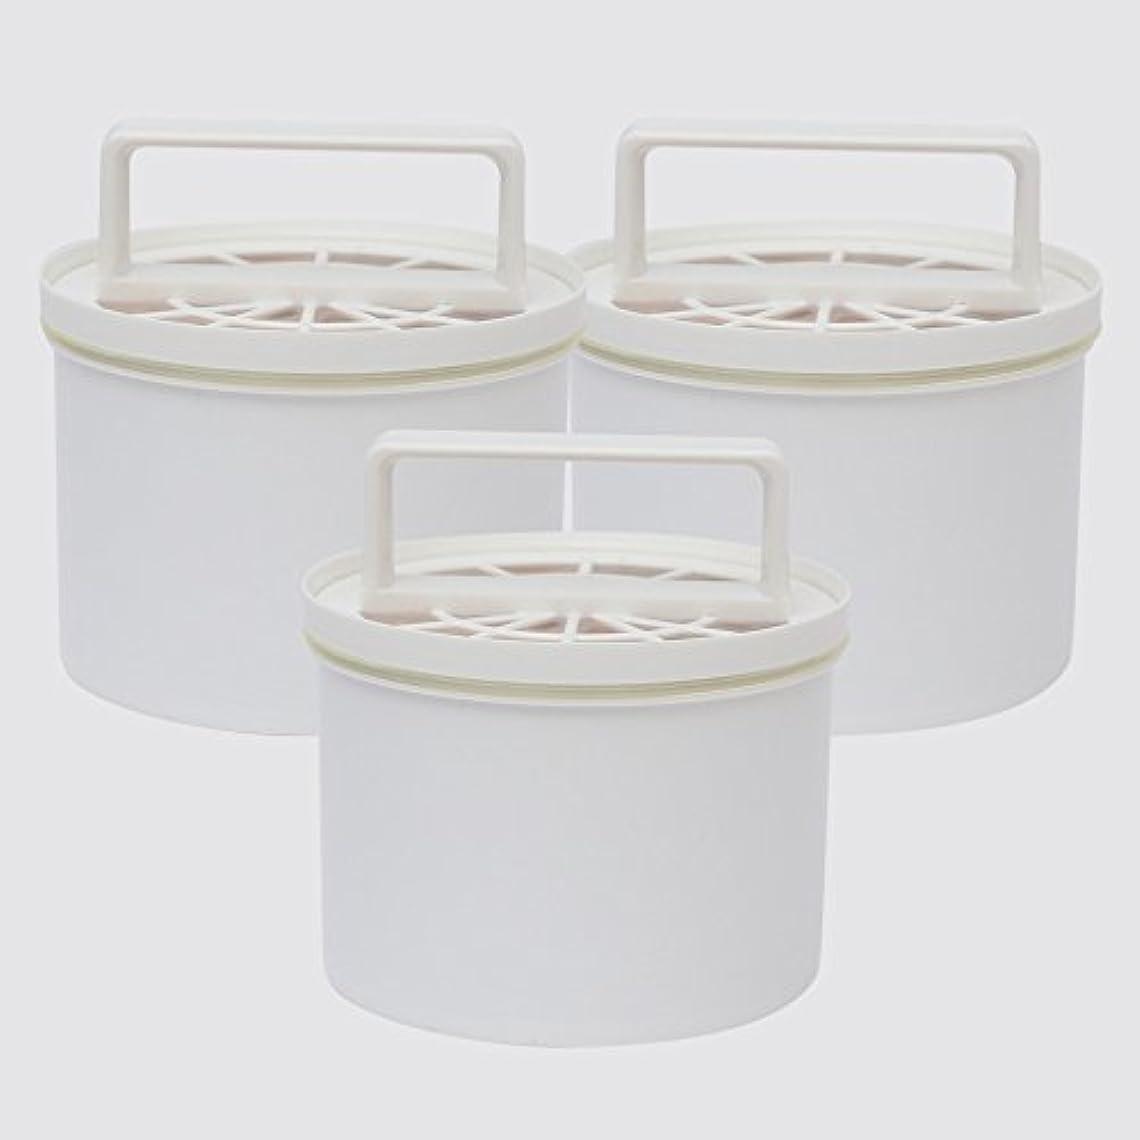 有彩色のモバイル告発サンエイ化学 【ピュアメーカー】 卓上型精製水器 カートリッジ × 3 イオン交換樹脂 精製水